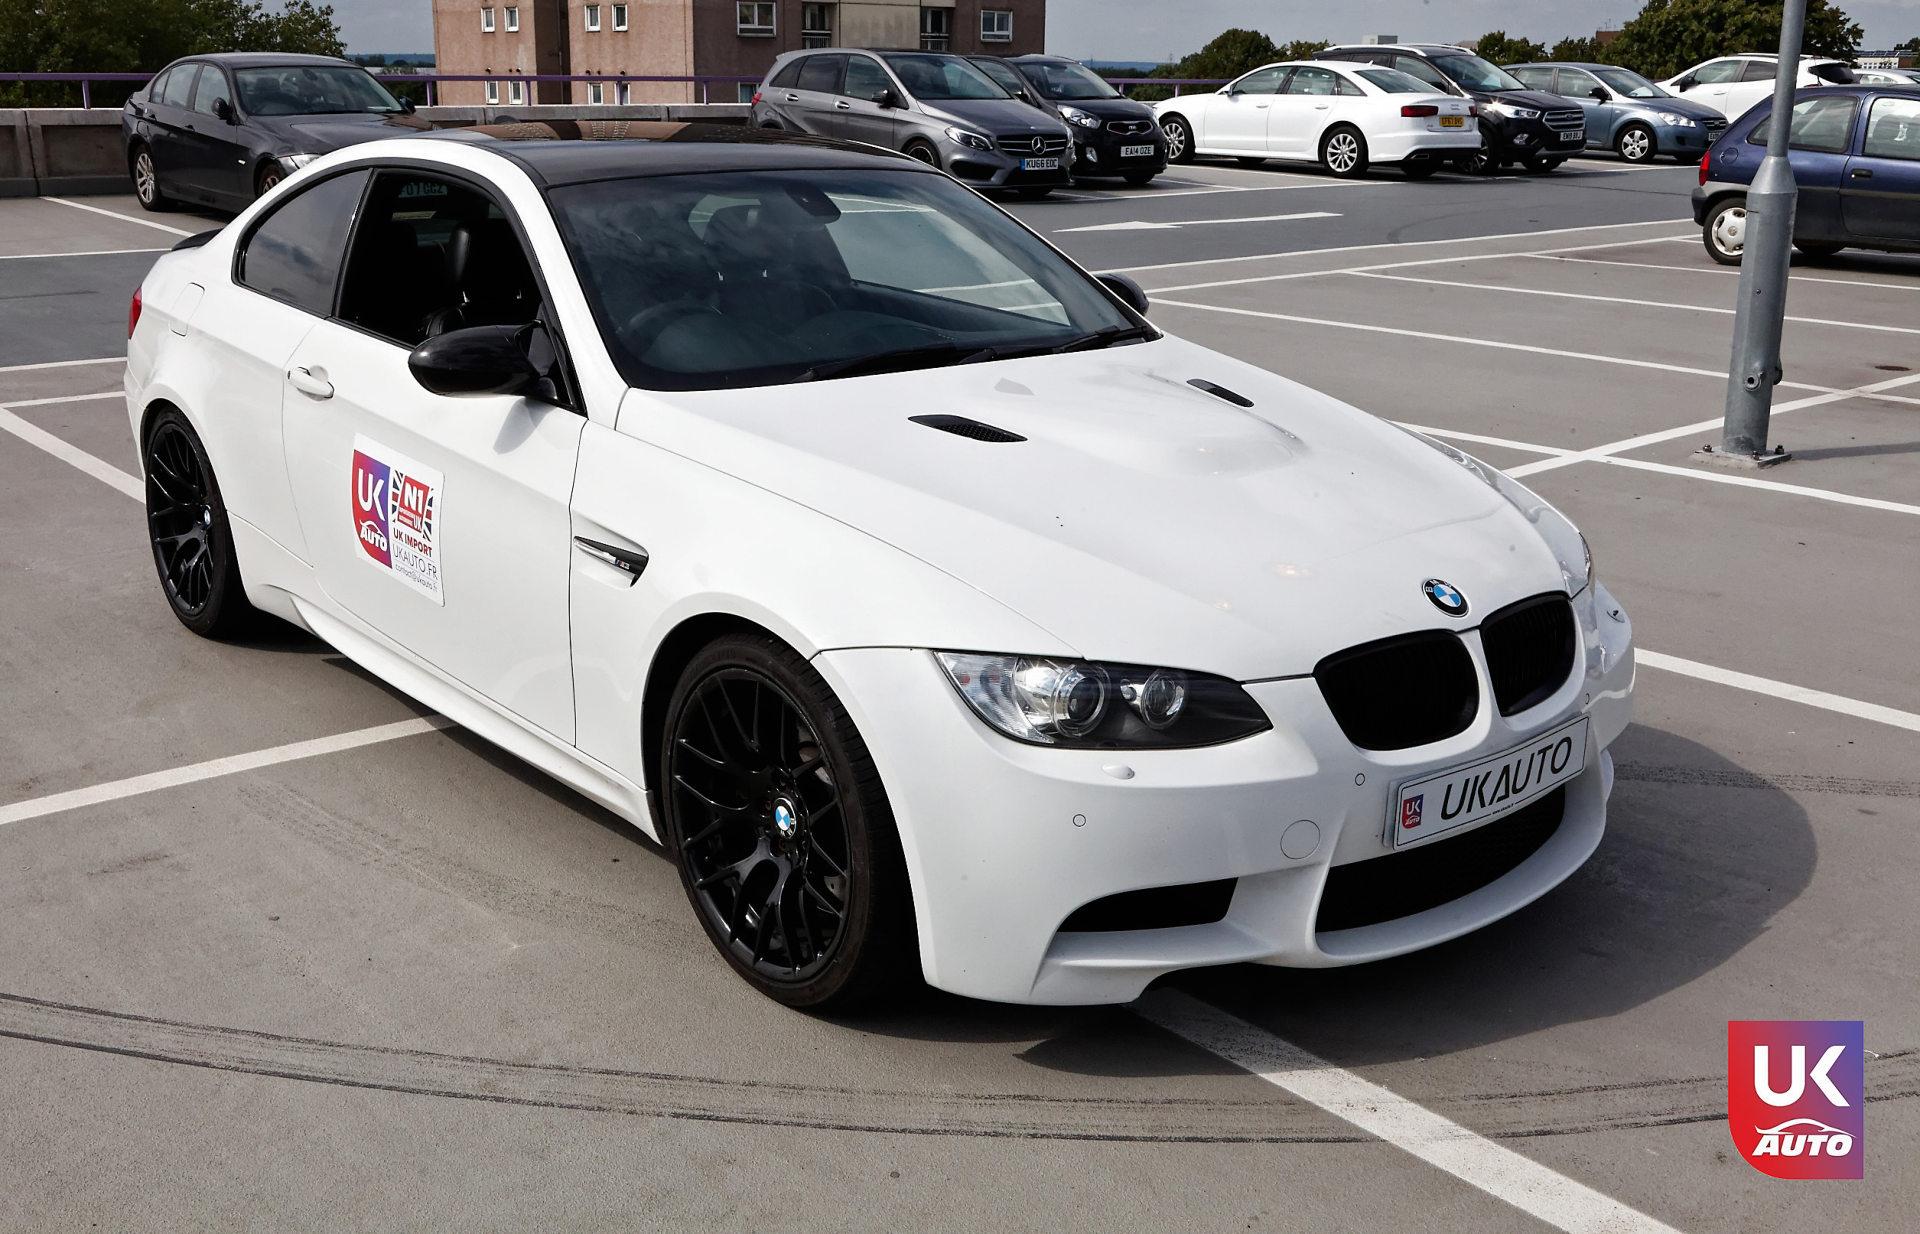 bmw m3 e92 v8 pack competition importateur bmw uk bmw angleterre m3 import uk ukauto mandataire4 DxO - IMPORTATION BMW M3 COMPETITION E92 V8 LEBONCOIN ANGLETERRE IMPORT UKAUTO FELICITATION A AUGUSTE CLIENT UKAUTO